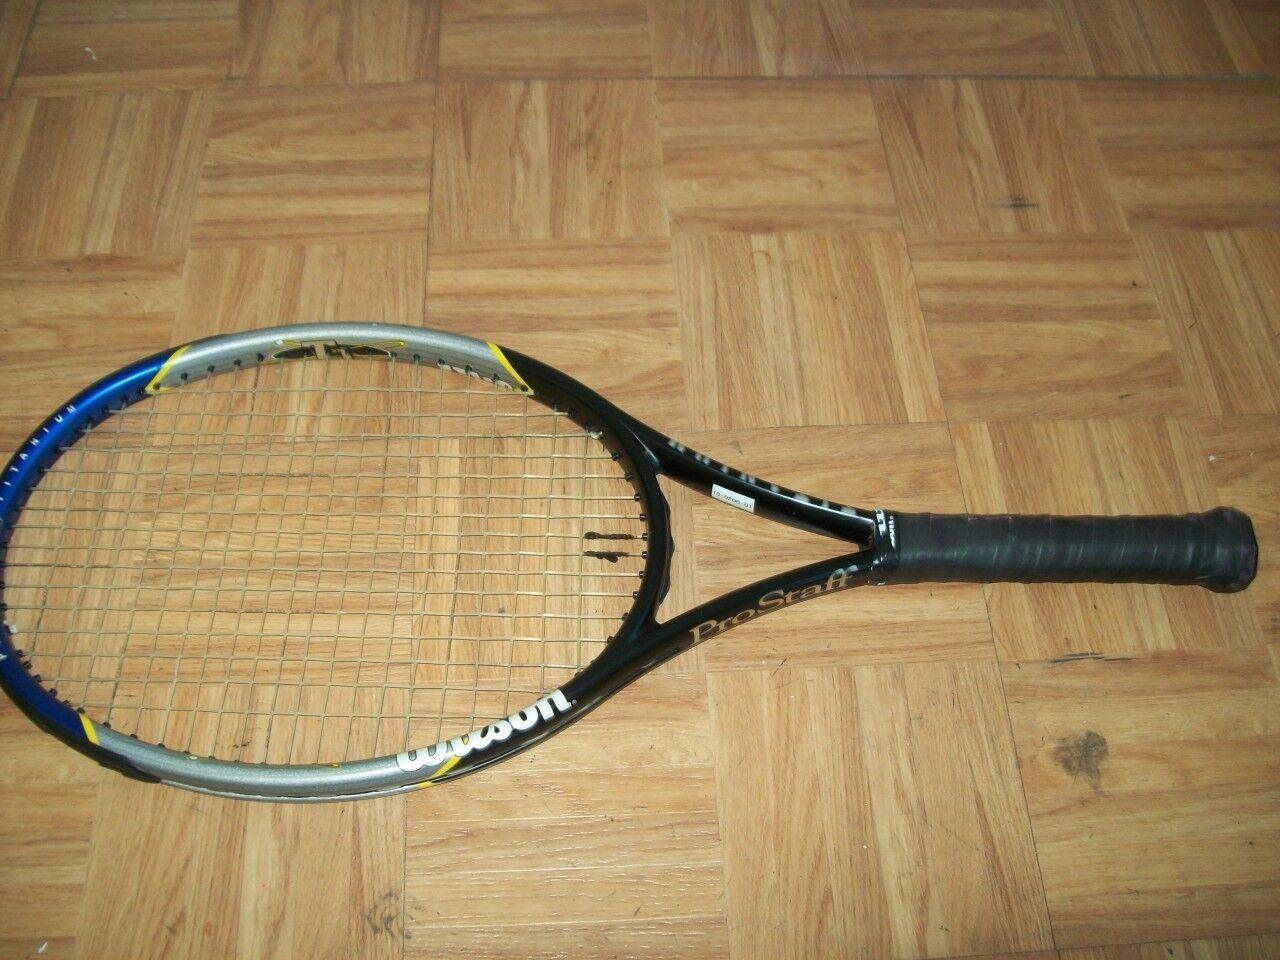 Wilson Pro Staff 6.6 6.6 6.6 Titanium OS 110 head 4 3/8 grip Tennis Racquet 681a7b